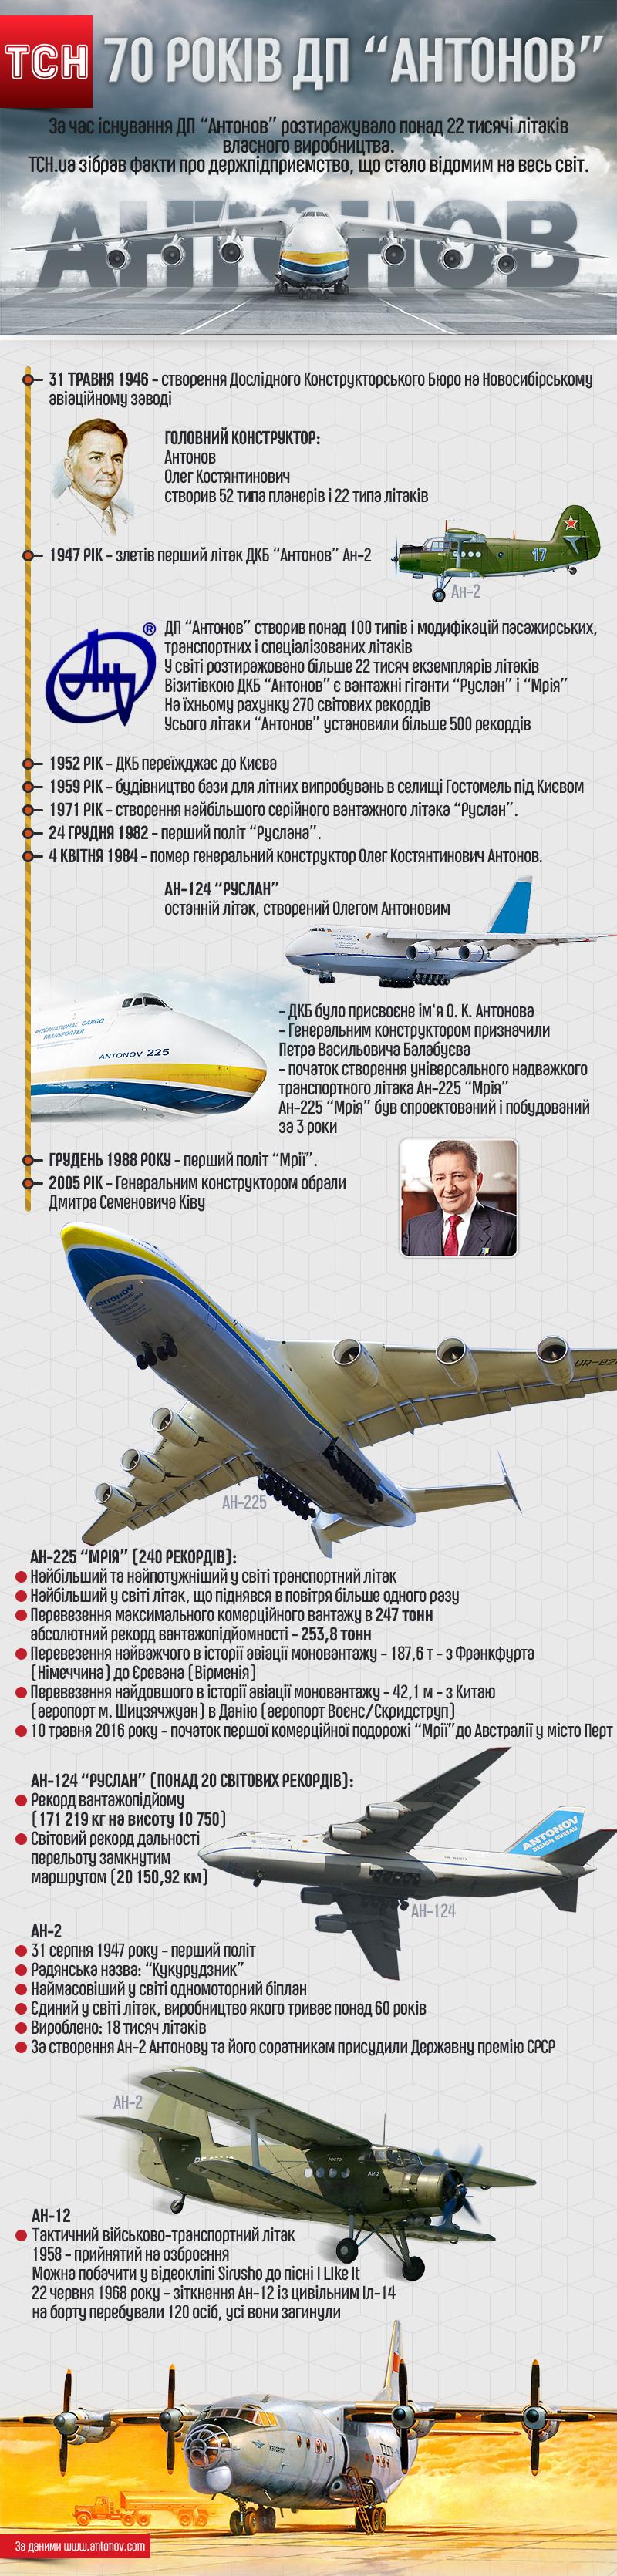 Antonov an 225 mriya - 1654084